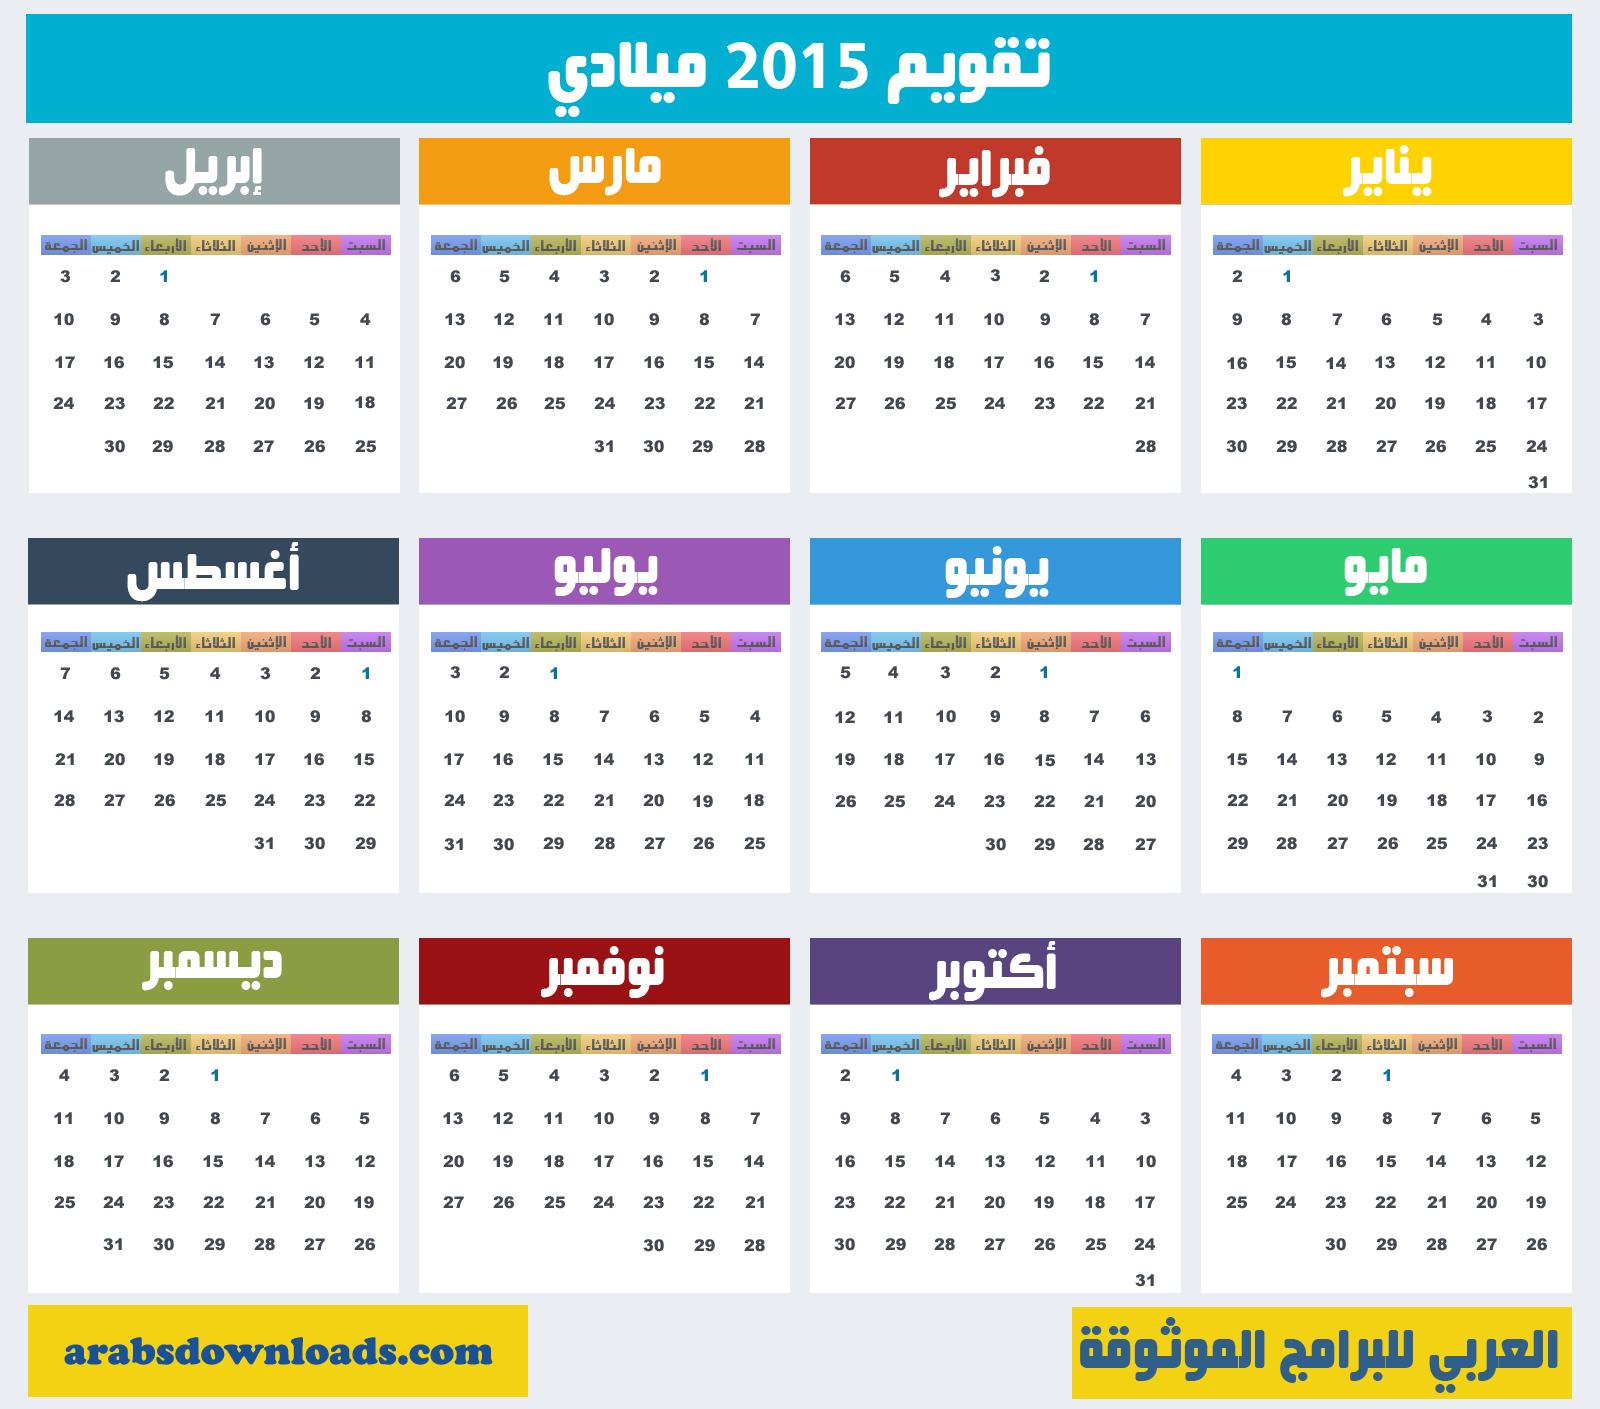 تقويم 2015 calendar 2015 calender 2015 kalendar 2015 kalender 2015